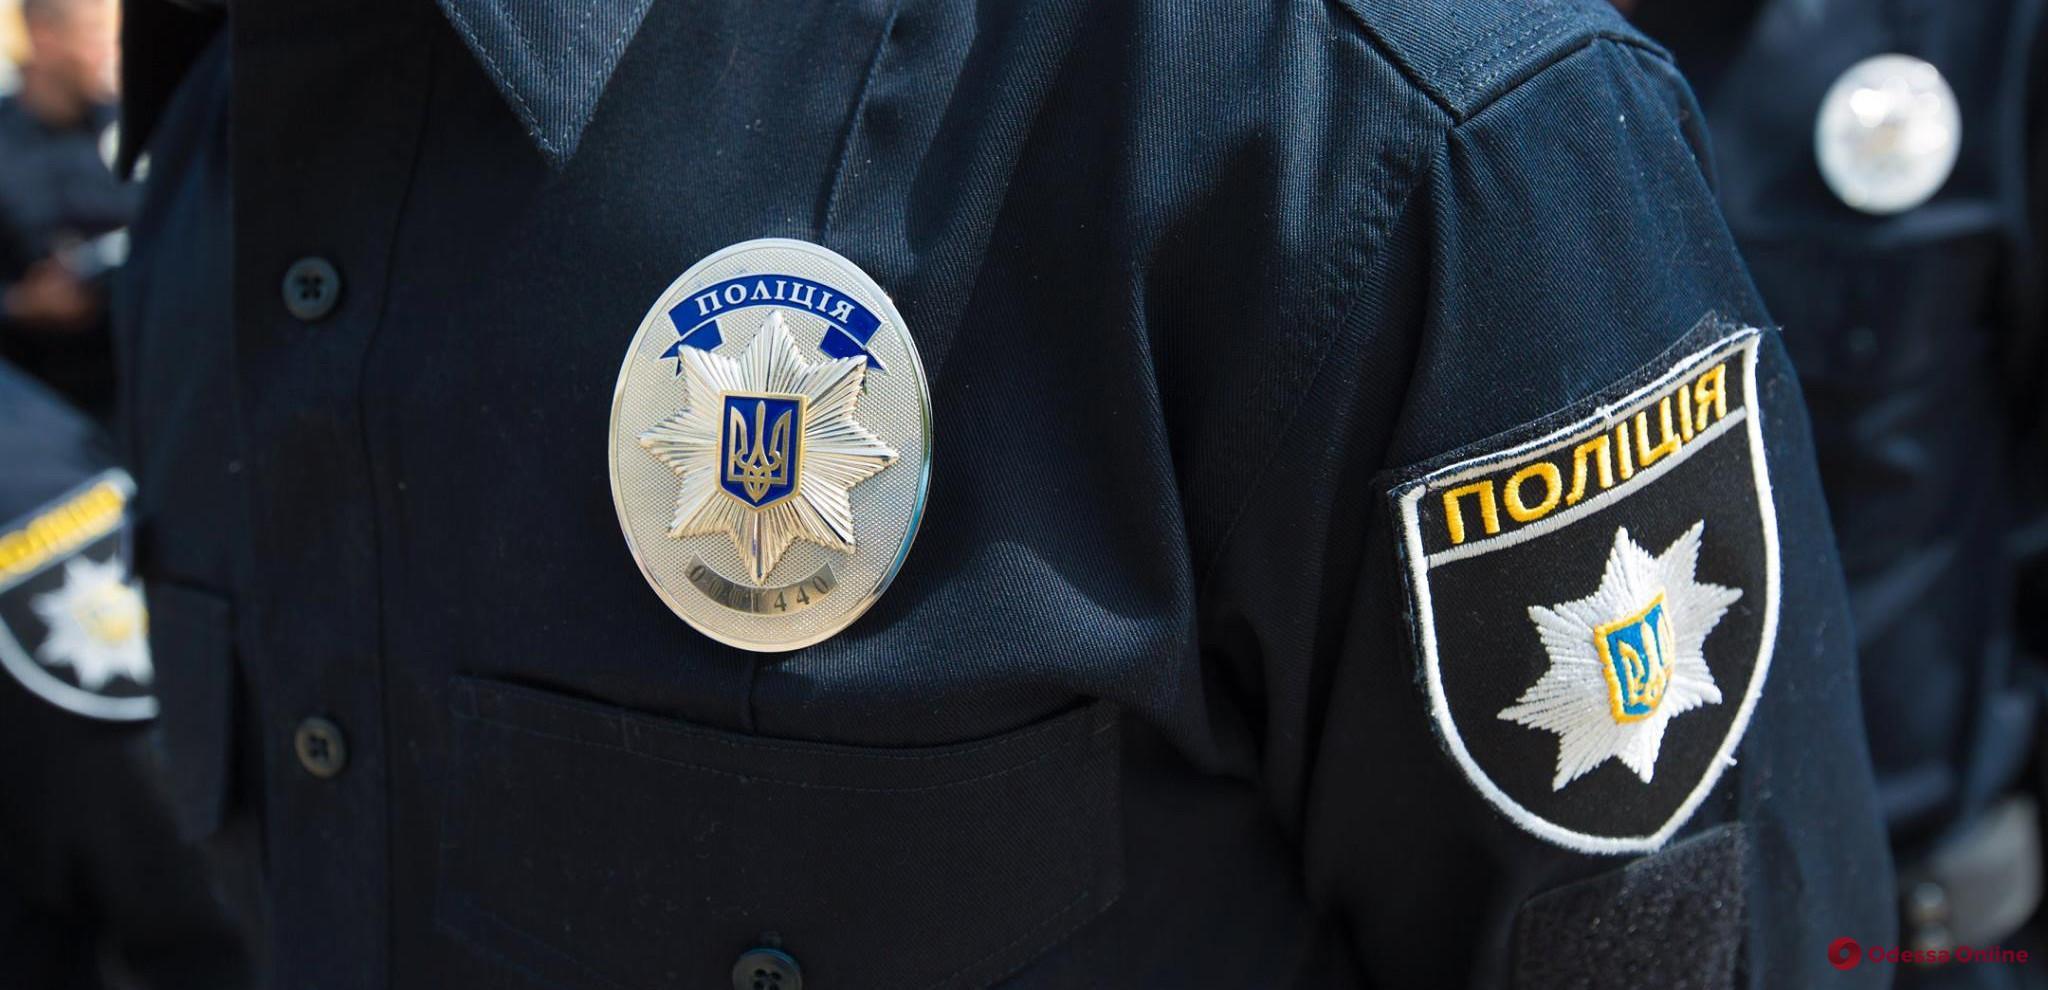 В Одессе пьяный посетитель супермаркета ударил полицейского в лицо